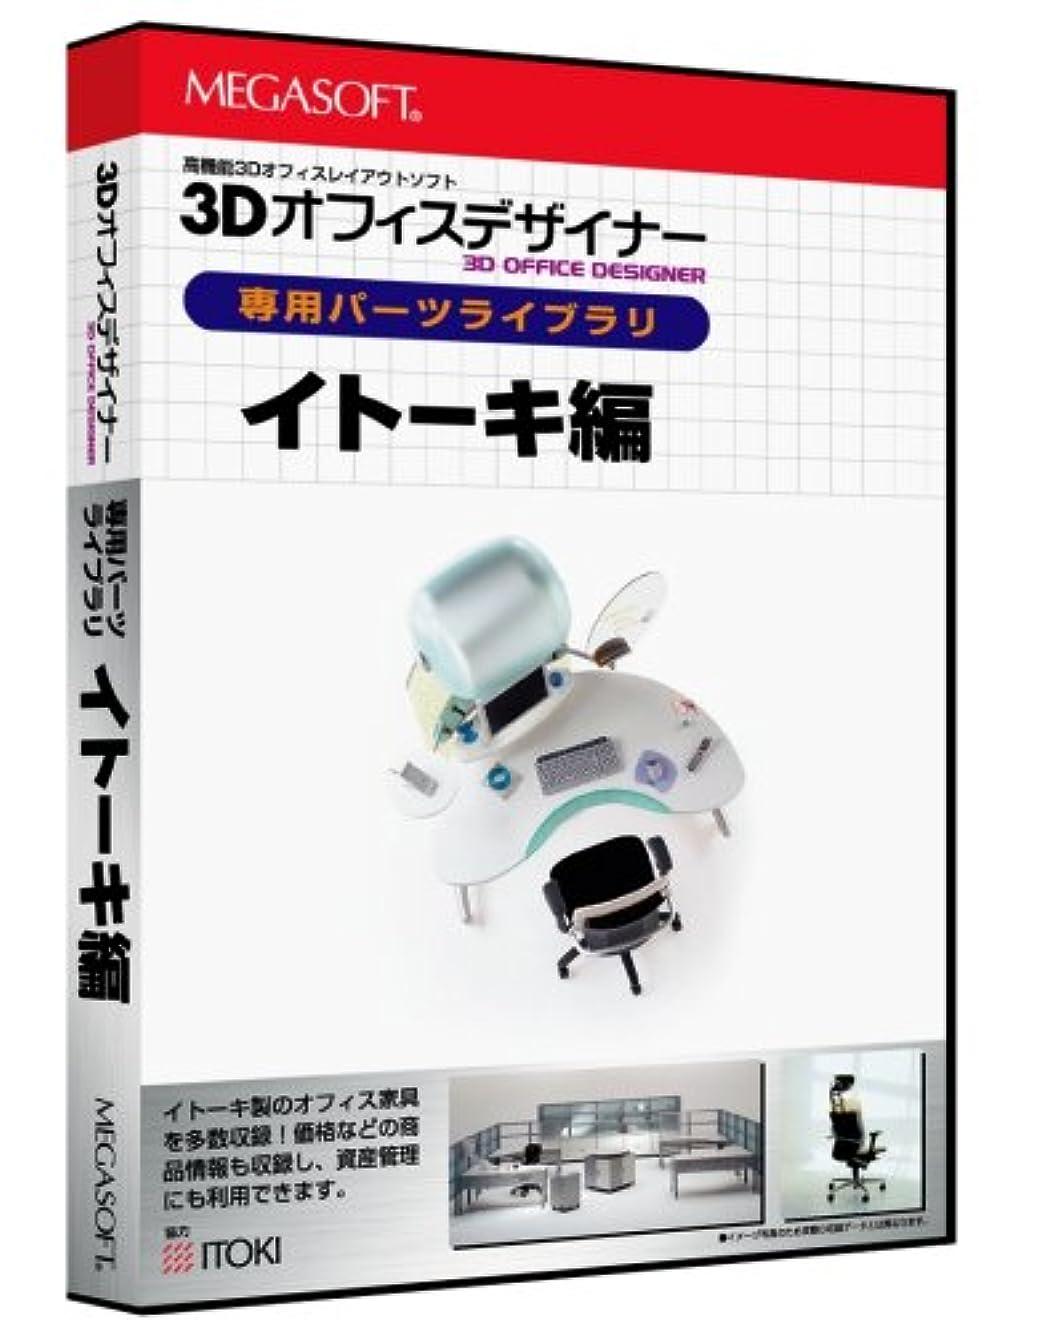 シャーク毒肥沃な3Dオフィスデザイナーシリーズ専用パーツライブラリ イトーキ編 Vol.2